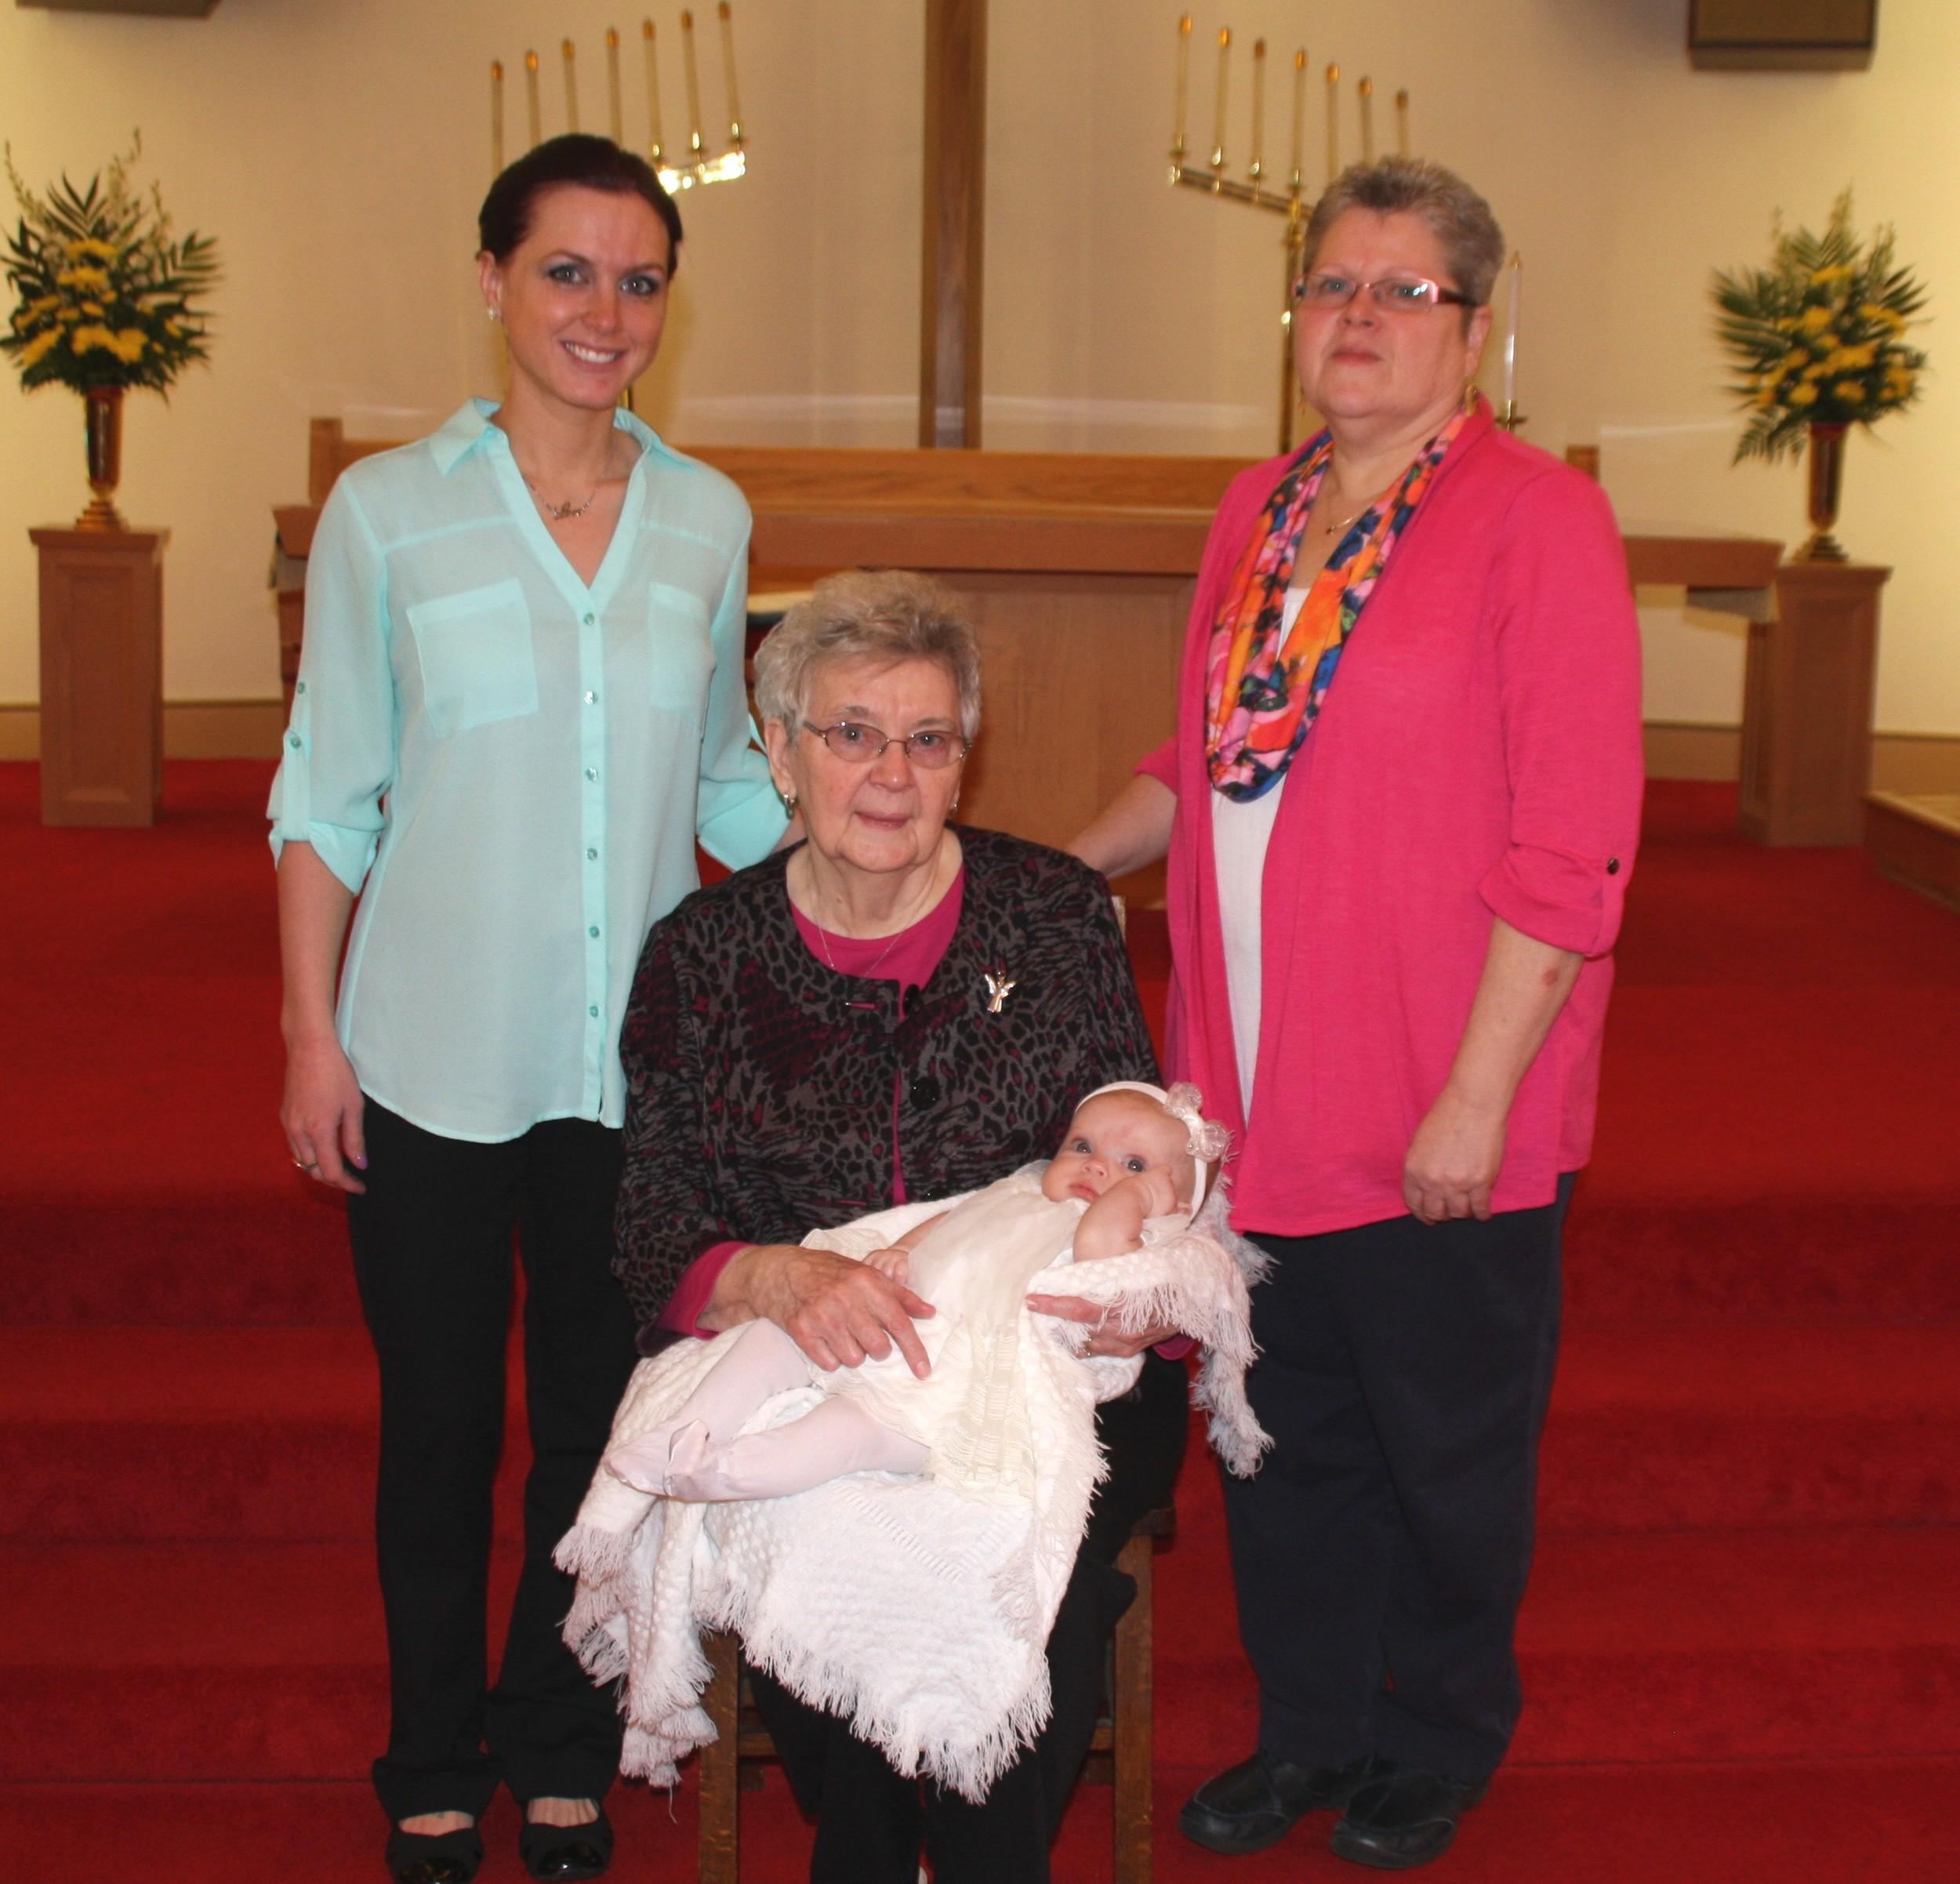 McKinleybaptist-2014001.jpg